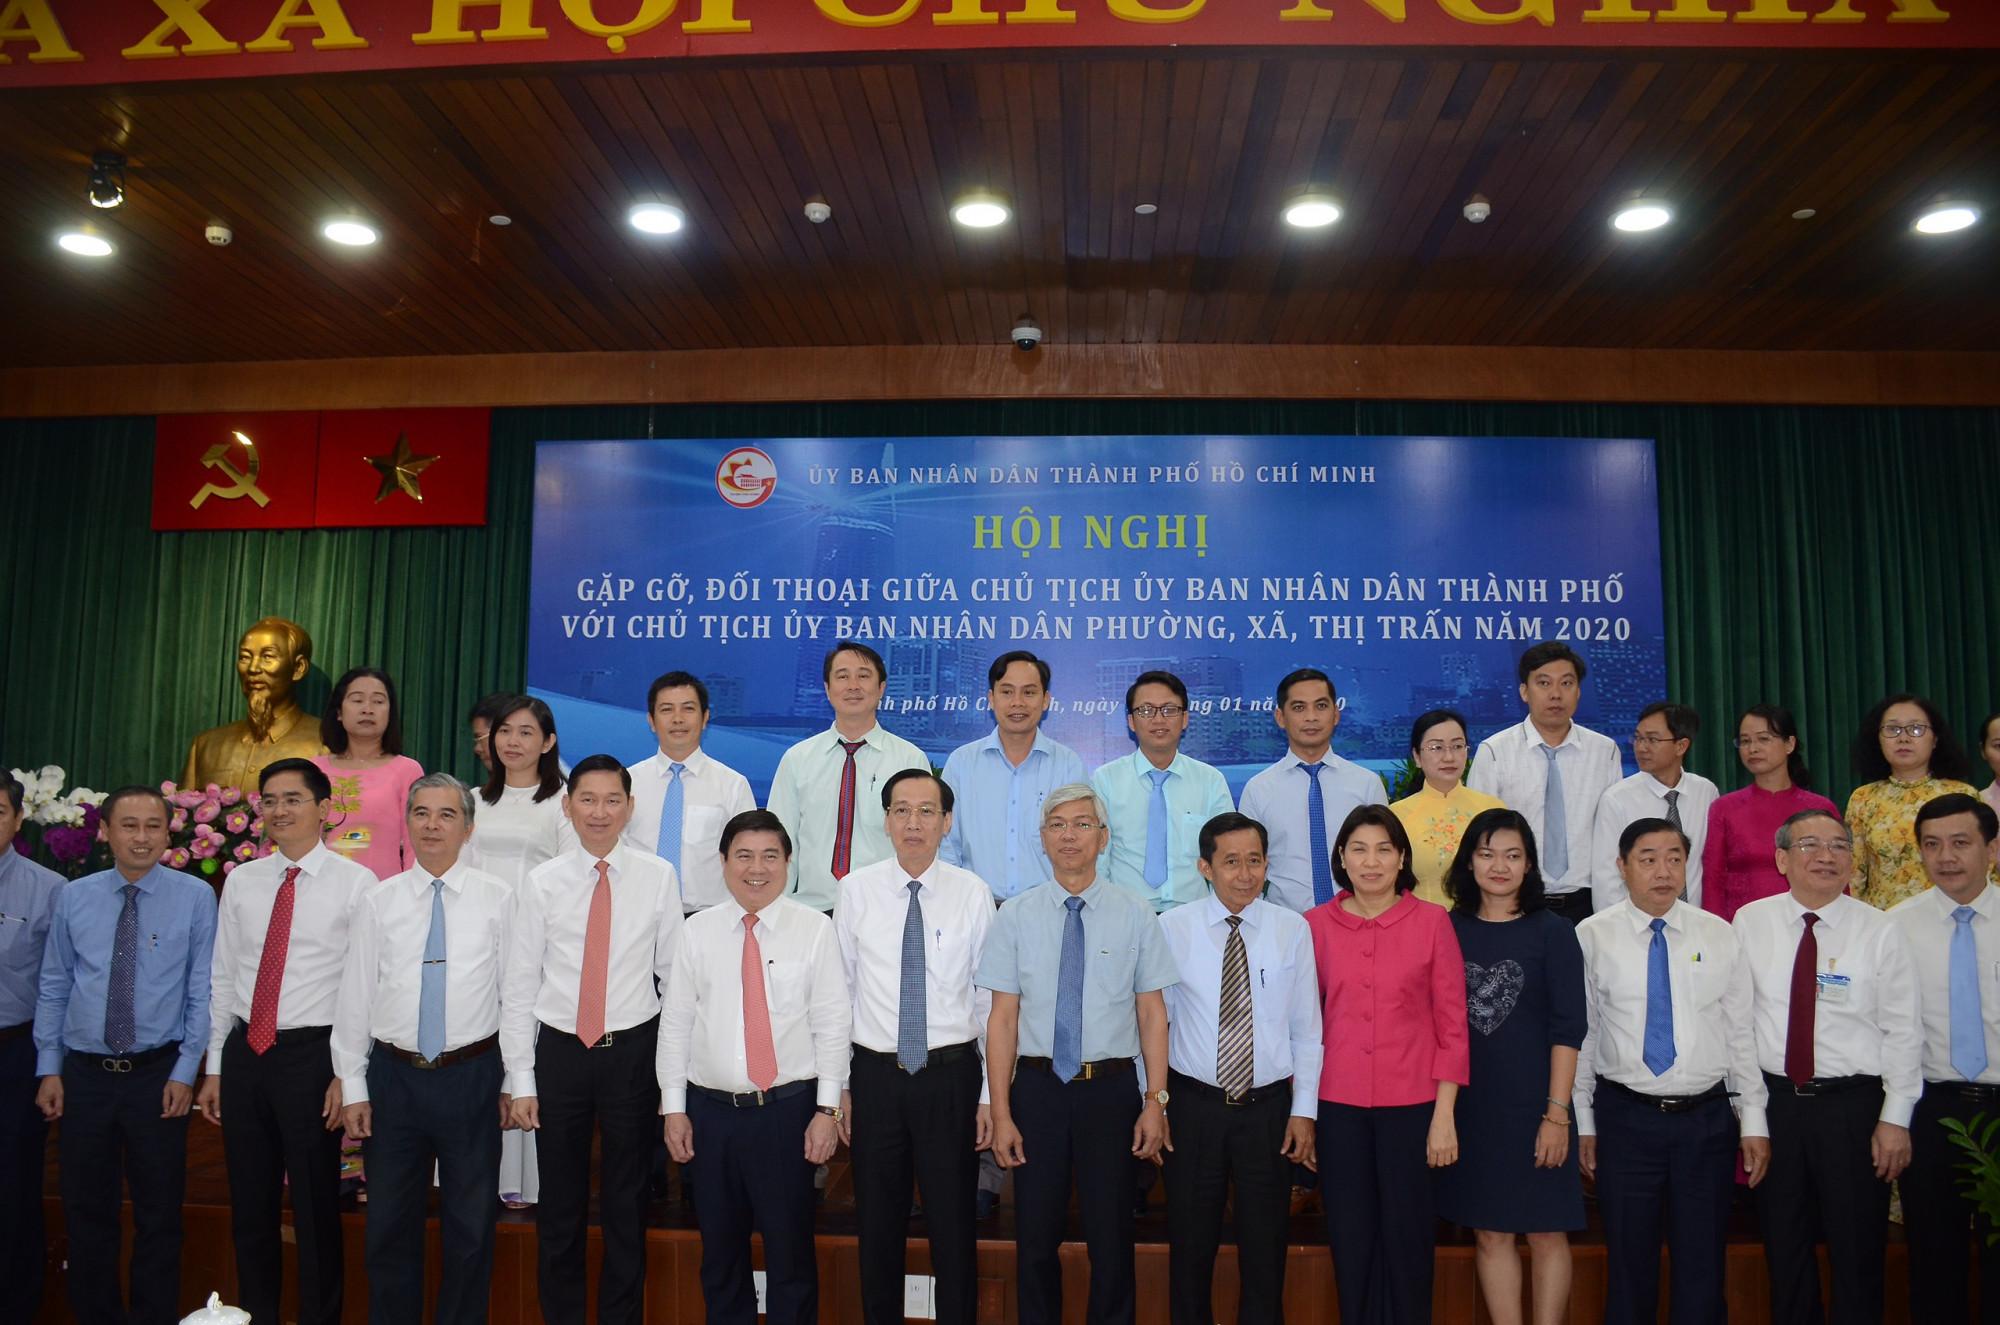 Chủ tịch UBND cấp cơ sở phường, xã, thị trấn chụp hình lưu niệm với lãnh đạo UBND TPHCM